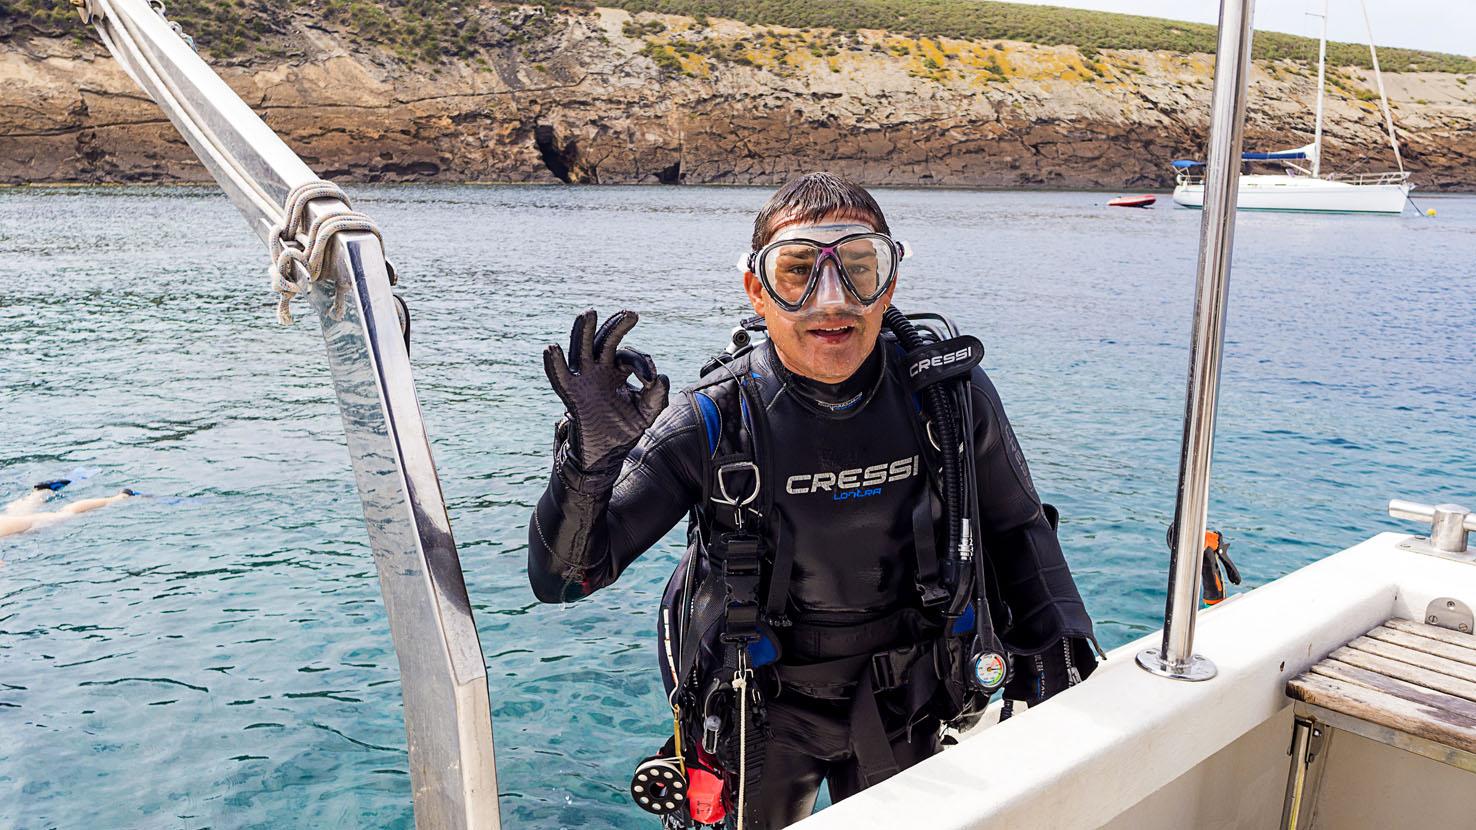 centro_de_actividades_subacuaticas_barracuda_las_fuentes_alcossebre